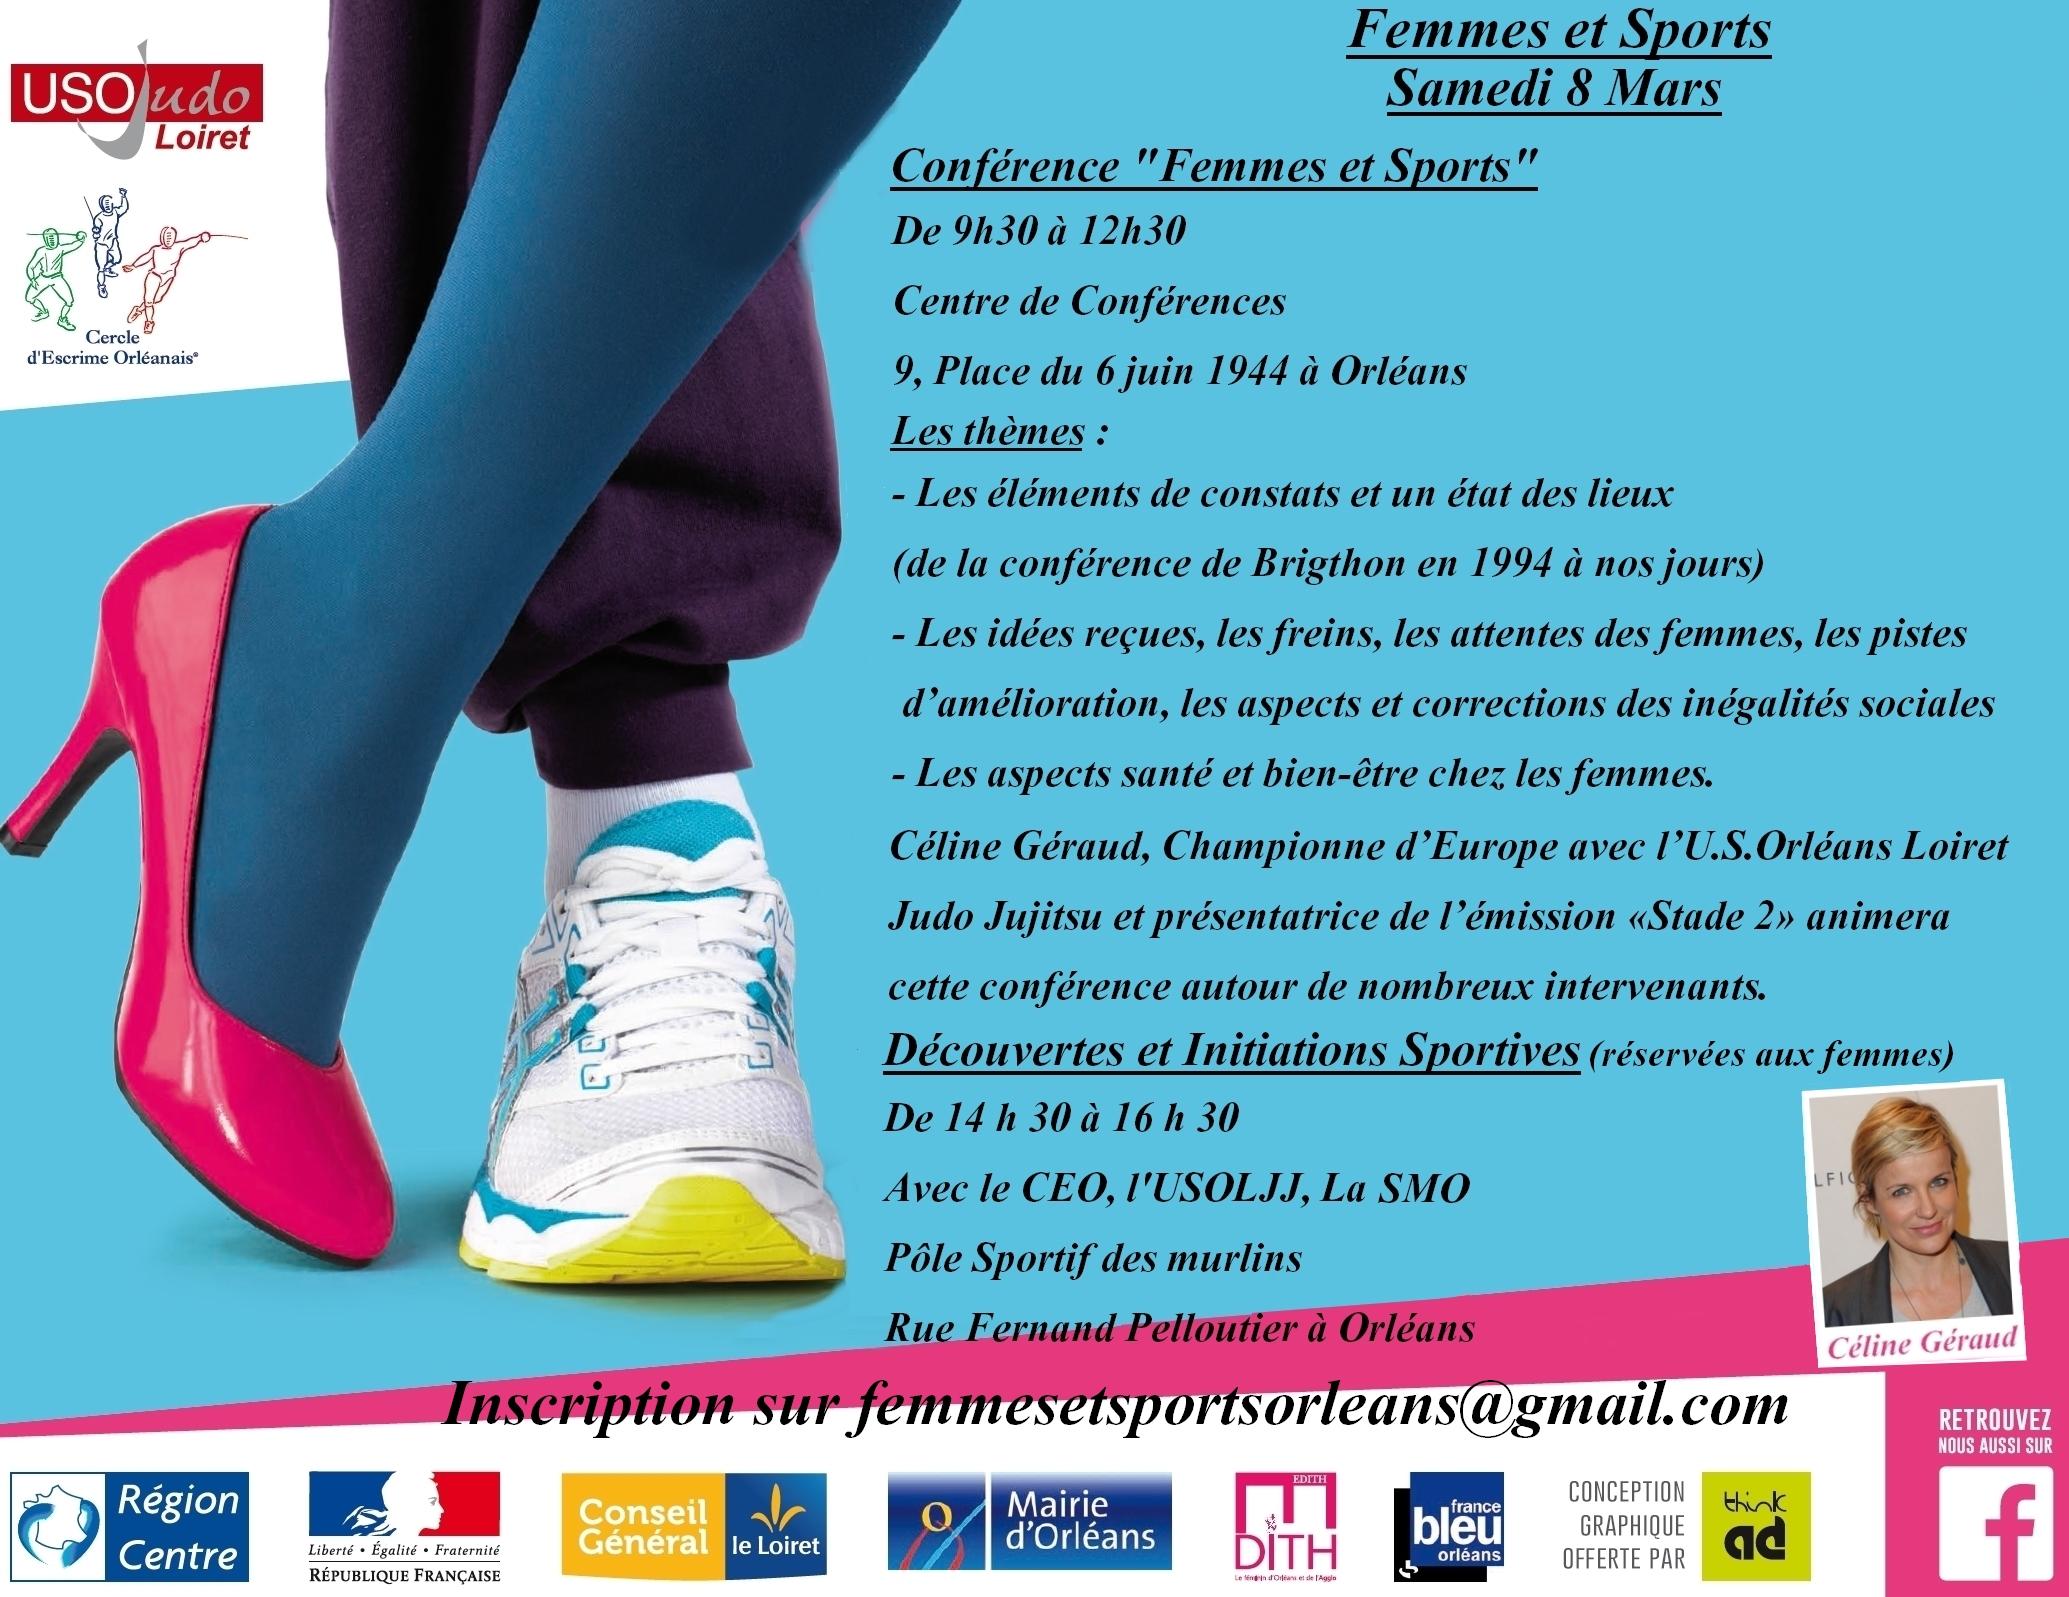 Programme de femmes et sports